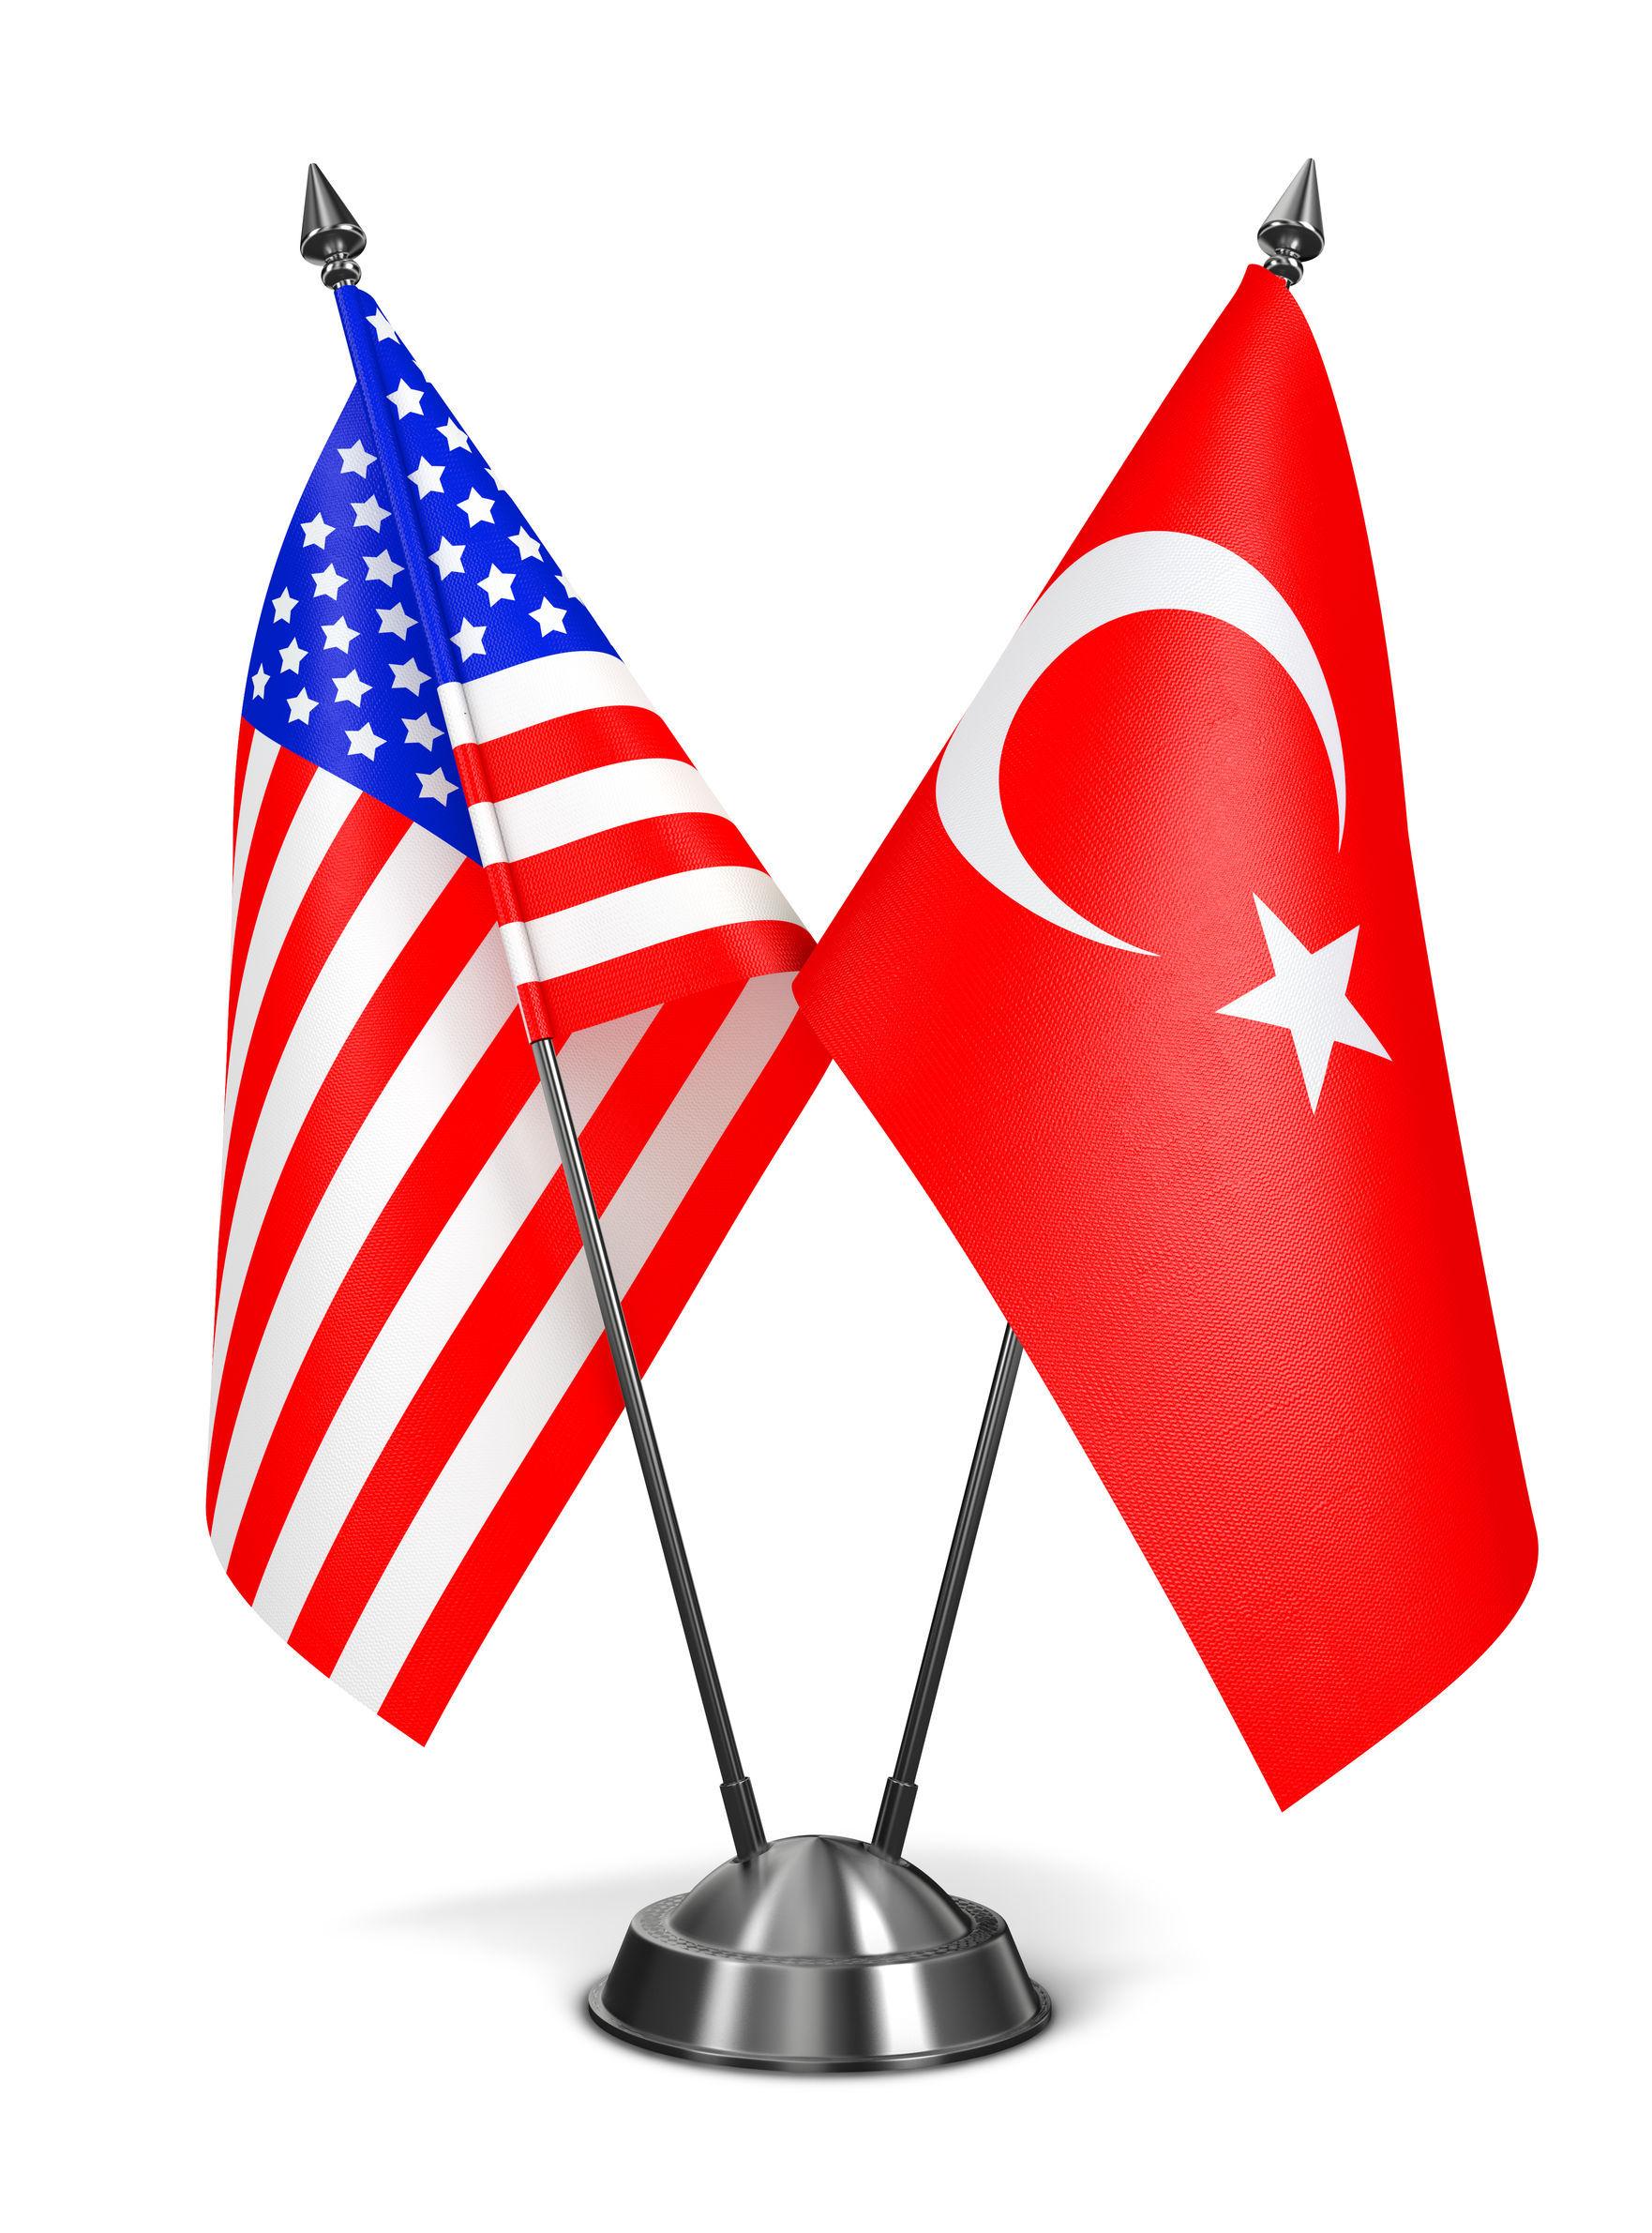 SUA şi Turcia speră că relaţiile bilaterale vor intra într-o nouă fază